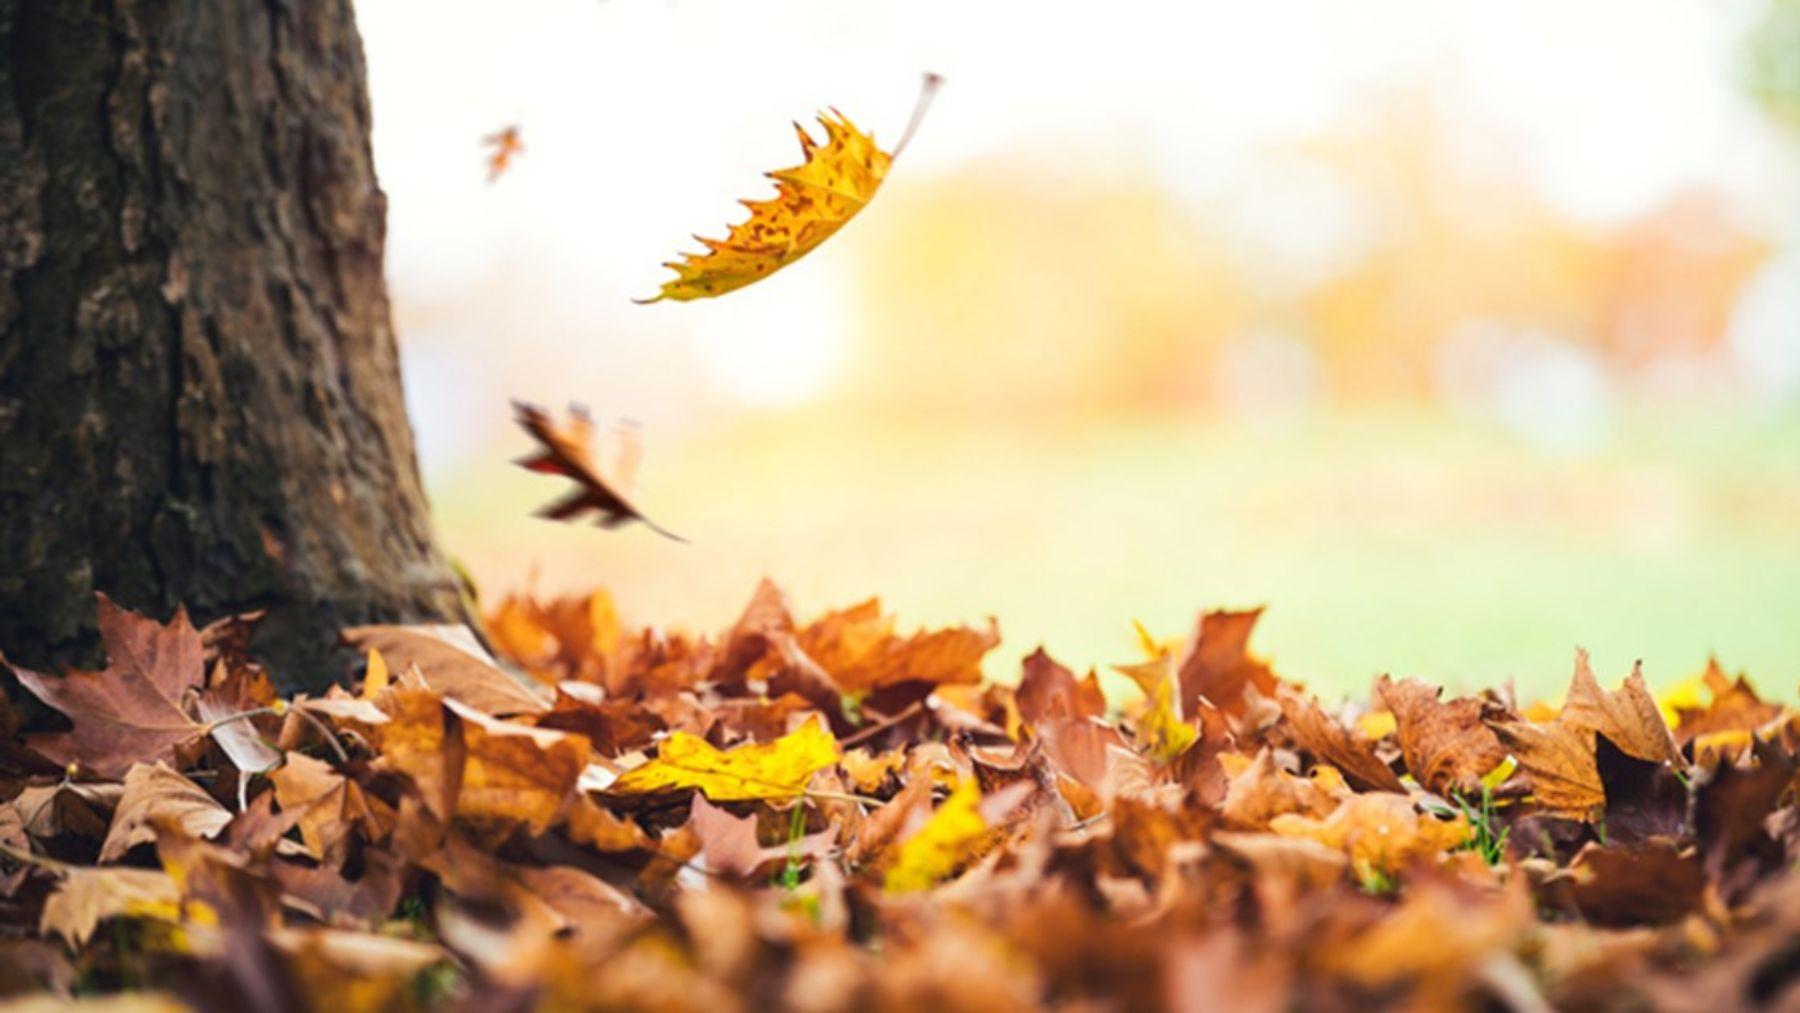 Descubre algunas de las curiosidades más sorprendentes sobre el equinoccio de otoño